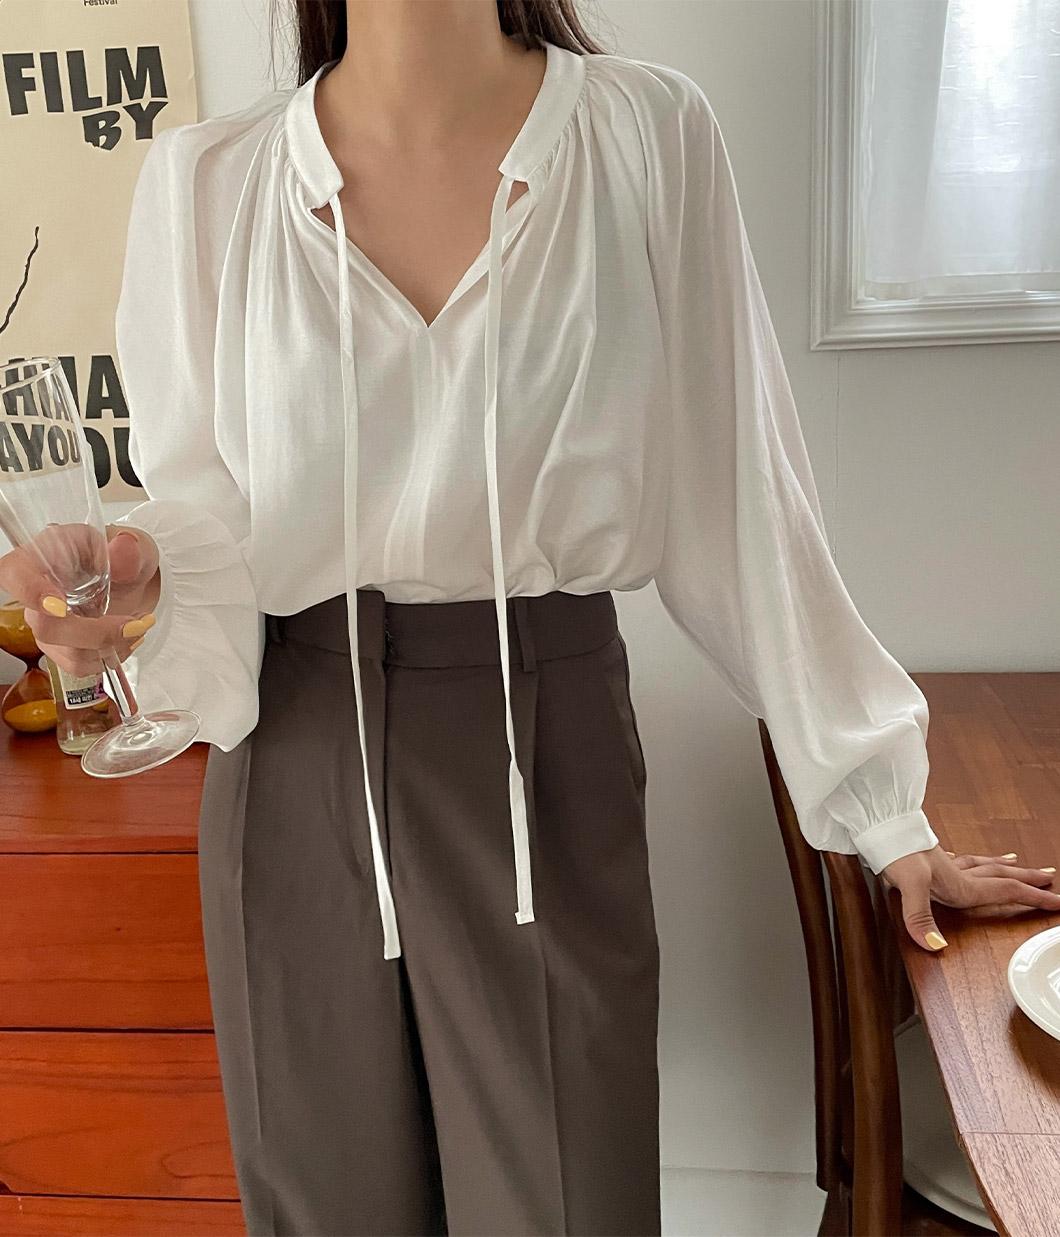 27.色調很美的綁繩襯衫上衣